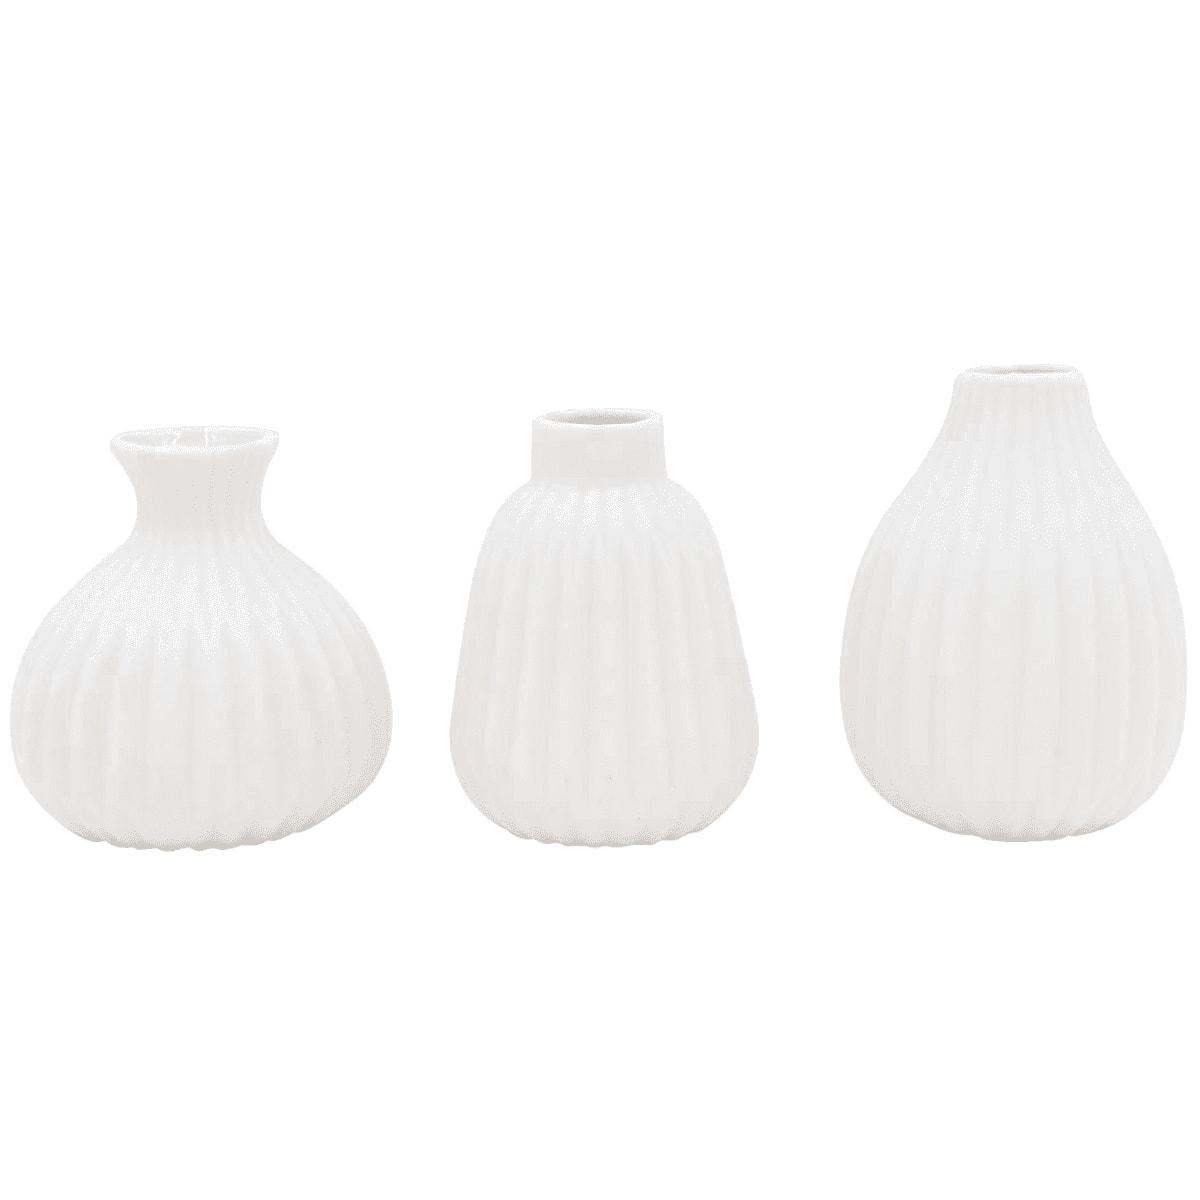 Set de 3 petits vases en porcelaine blanche